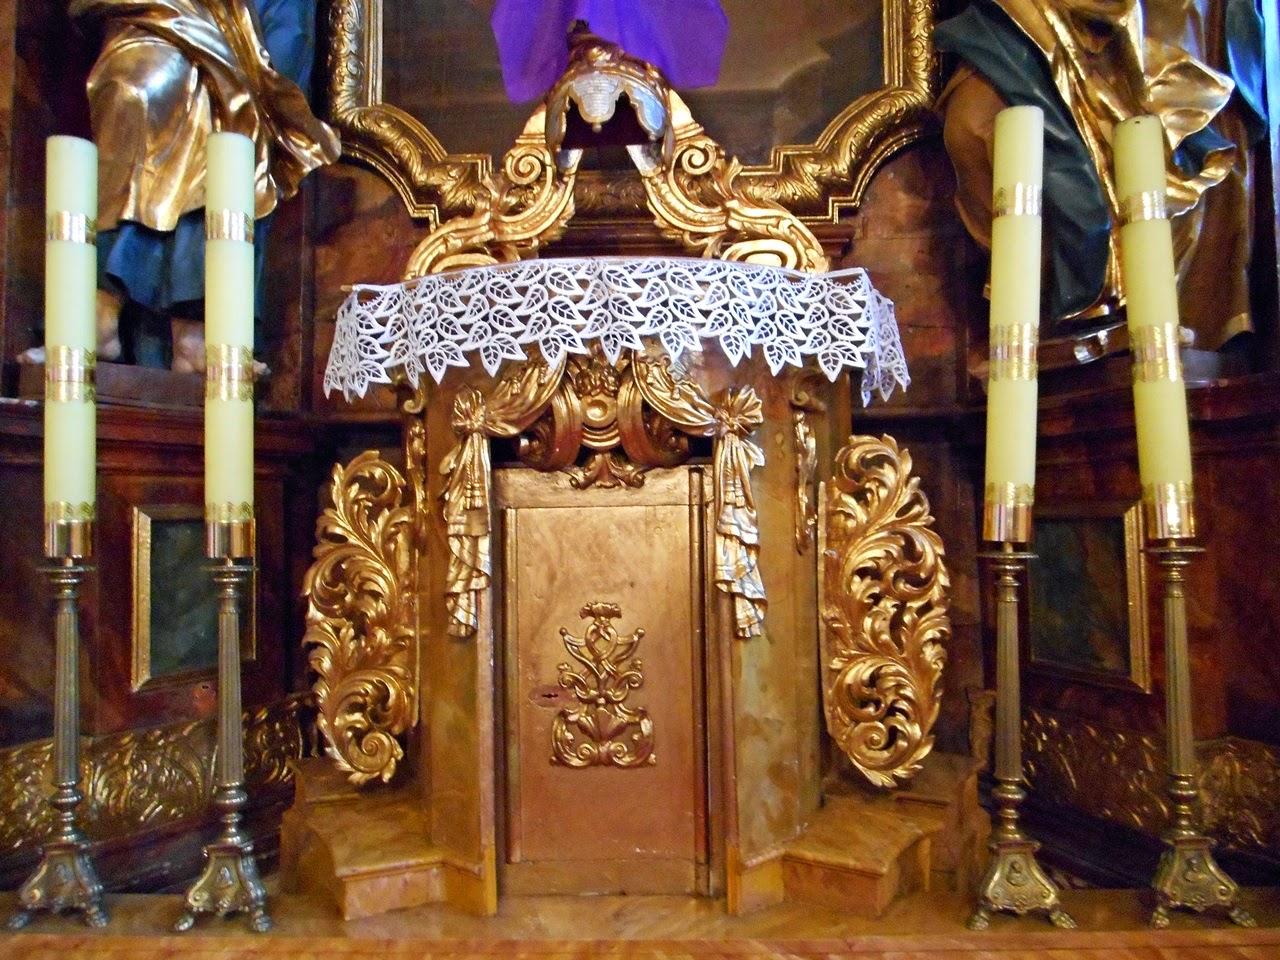 ołtarz, kościół, Solniki, zabytek